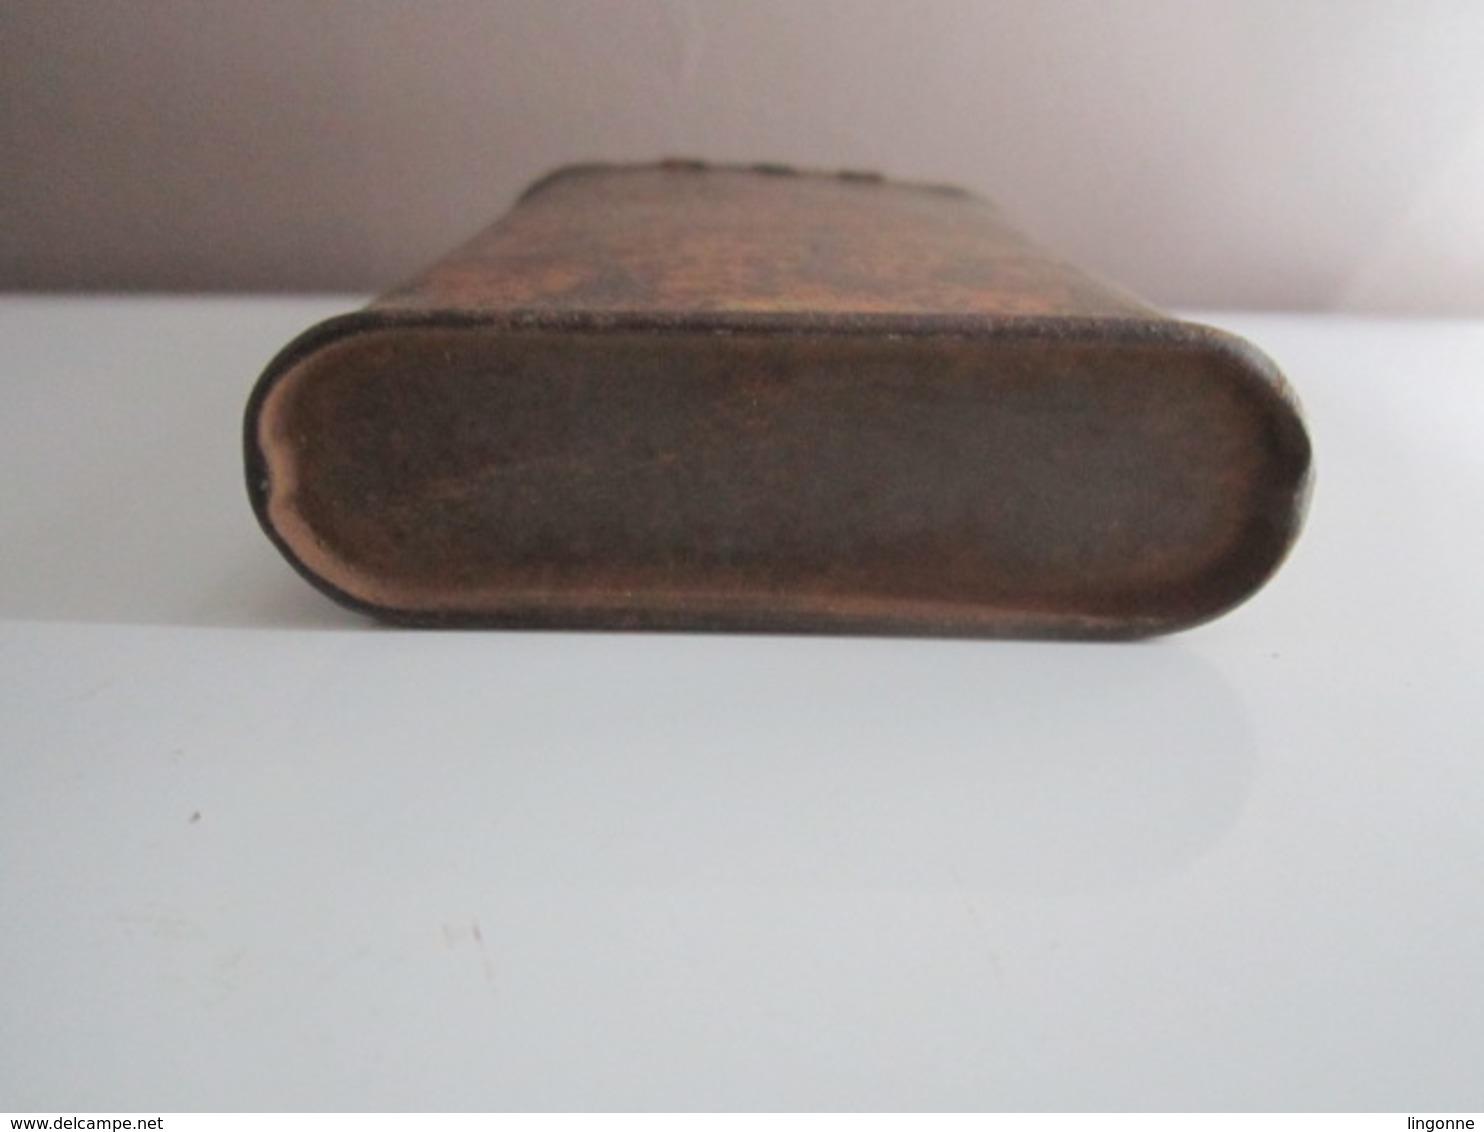 Ancienne Boîte à Tabac Pour Pipe Et Cigarette En Fer Lithographiée De Marque PRINCE ALBERT. Années 40 - Boites à Tabac Vides